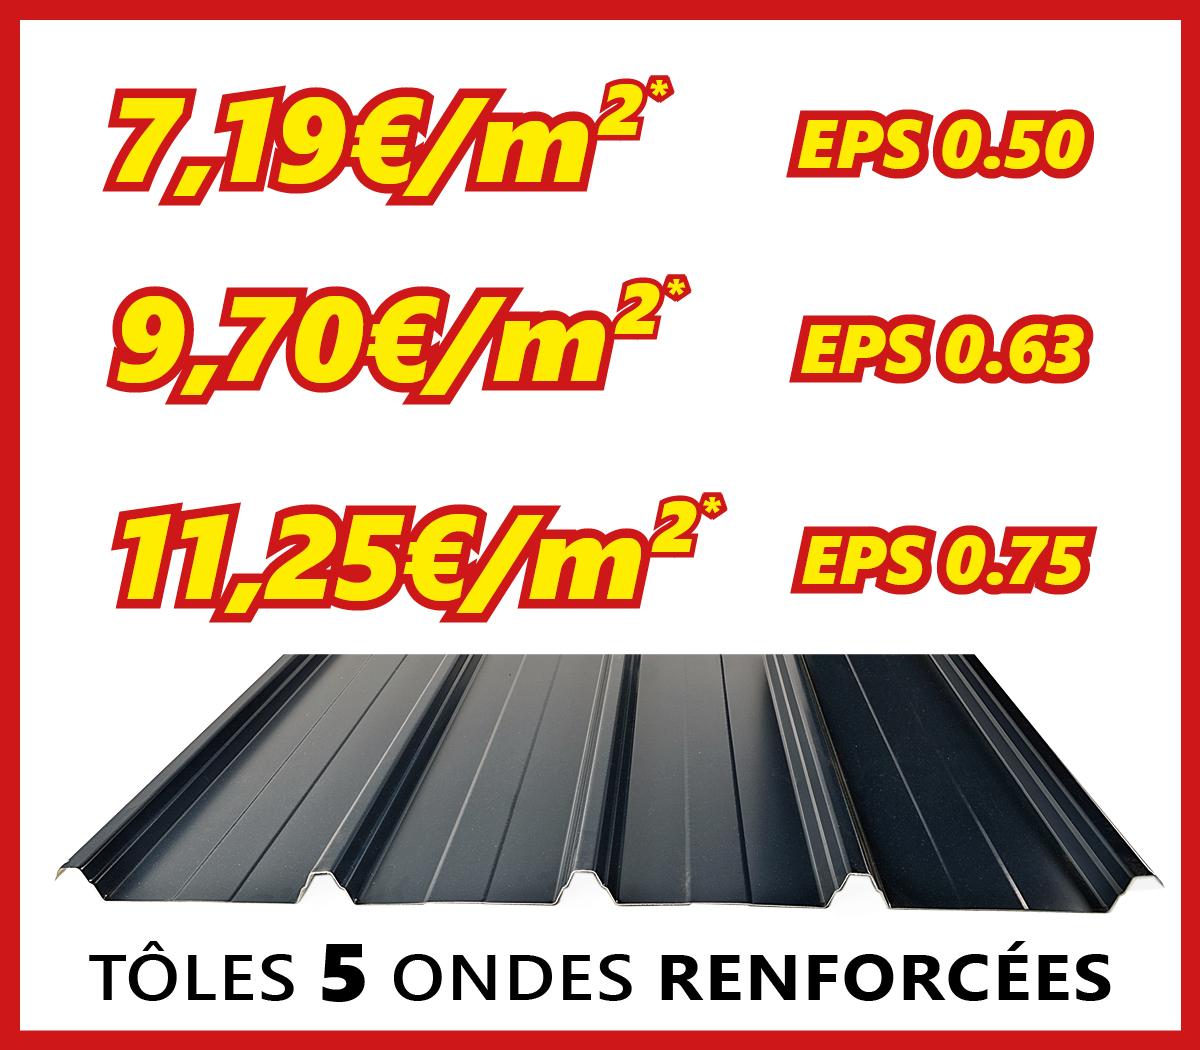 Tarif-toles-5-ondes-renforcées_030521